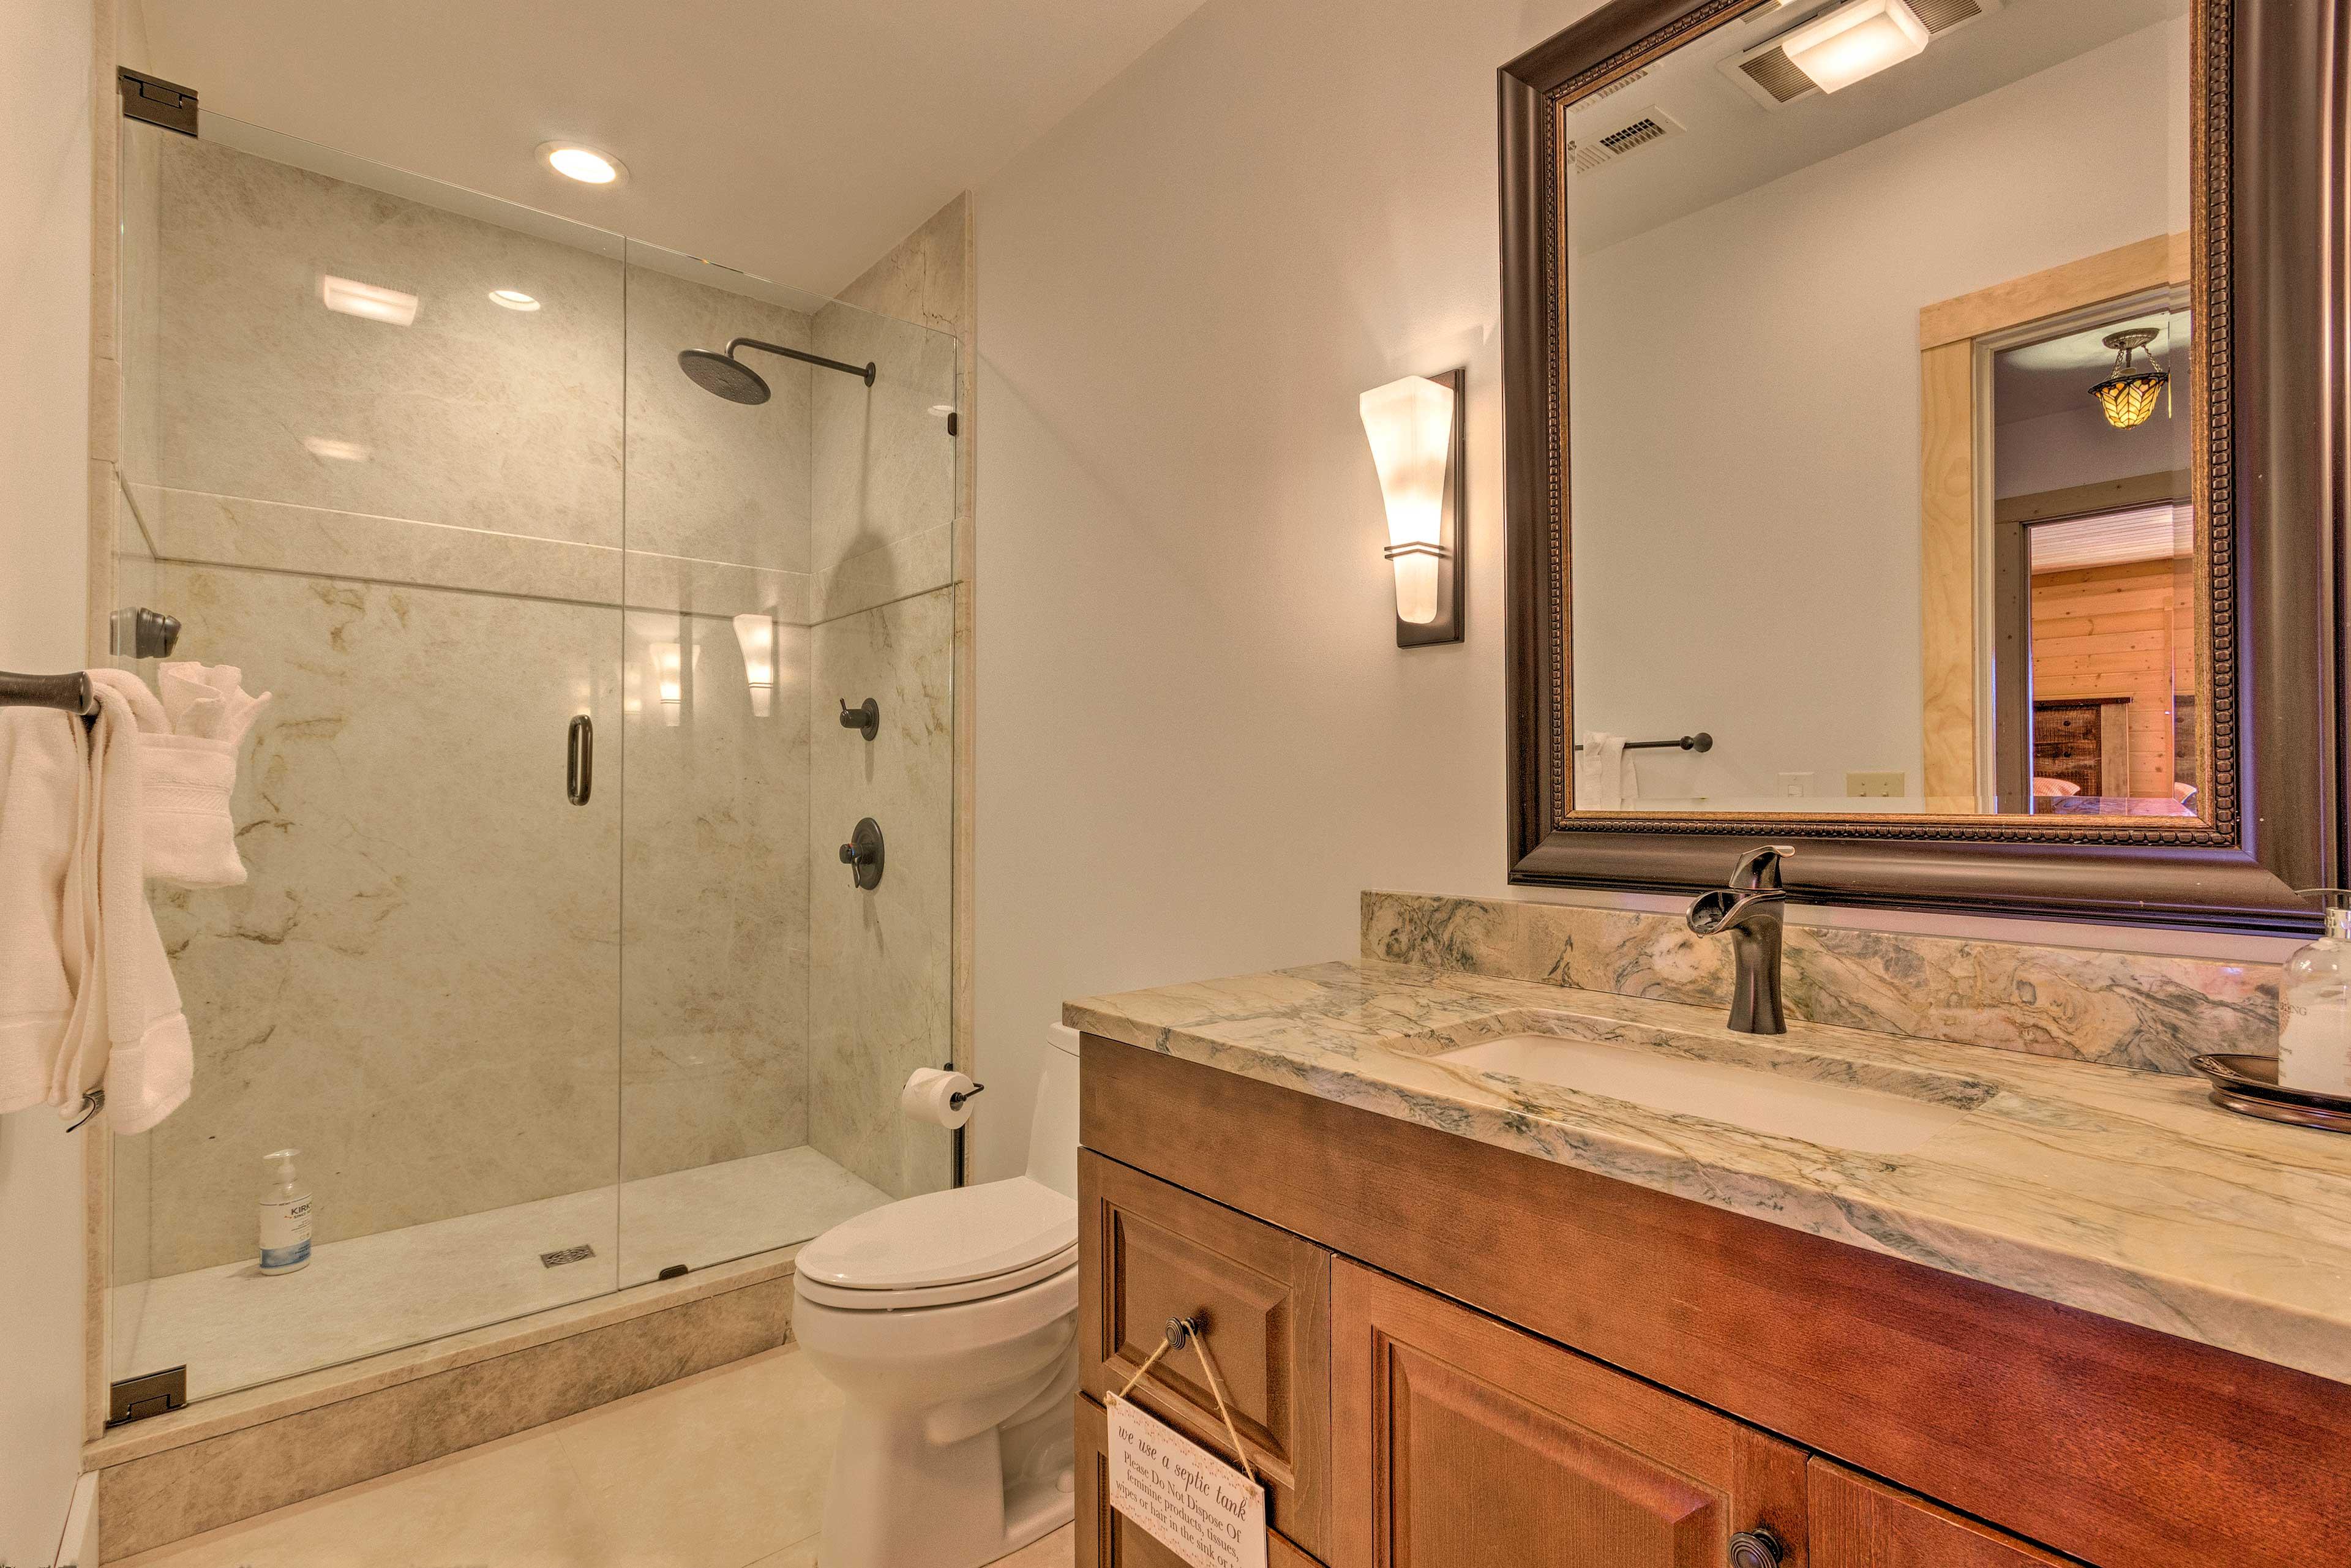 The third full bathroom features another glass-door walk-in shower.